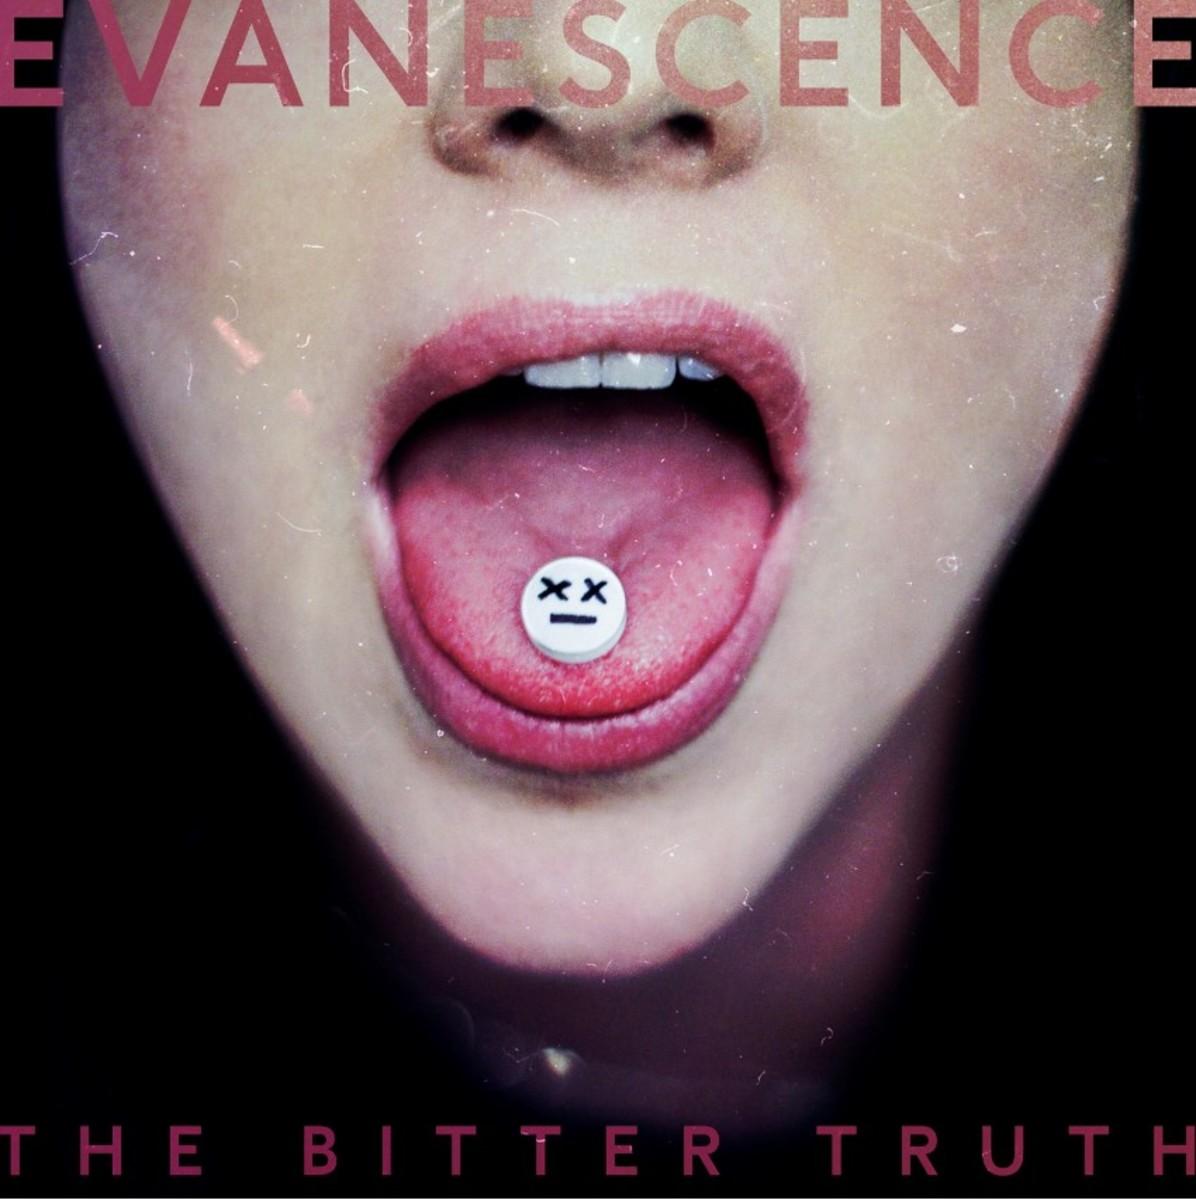 Evanescence main